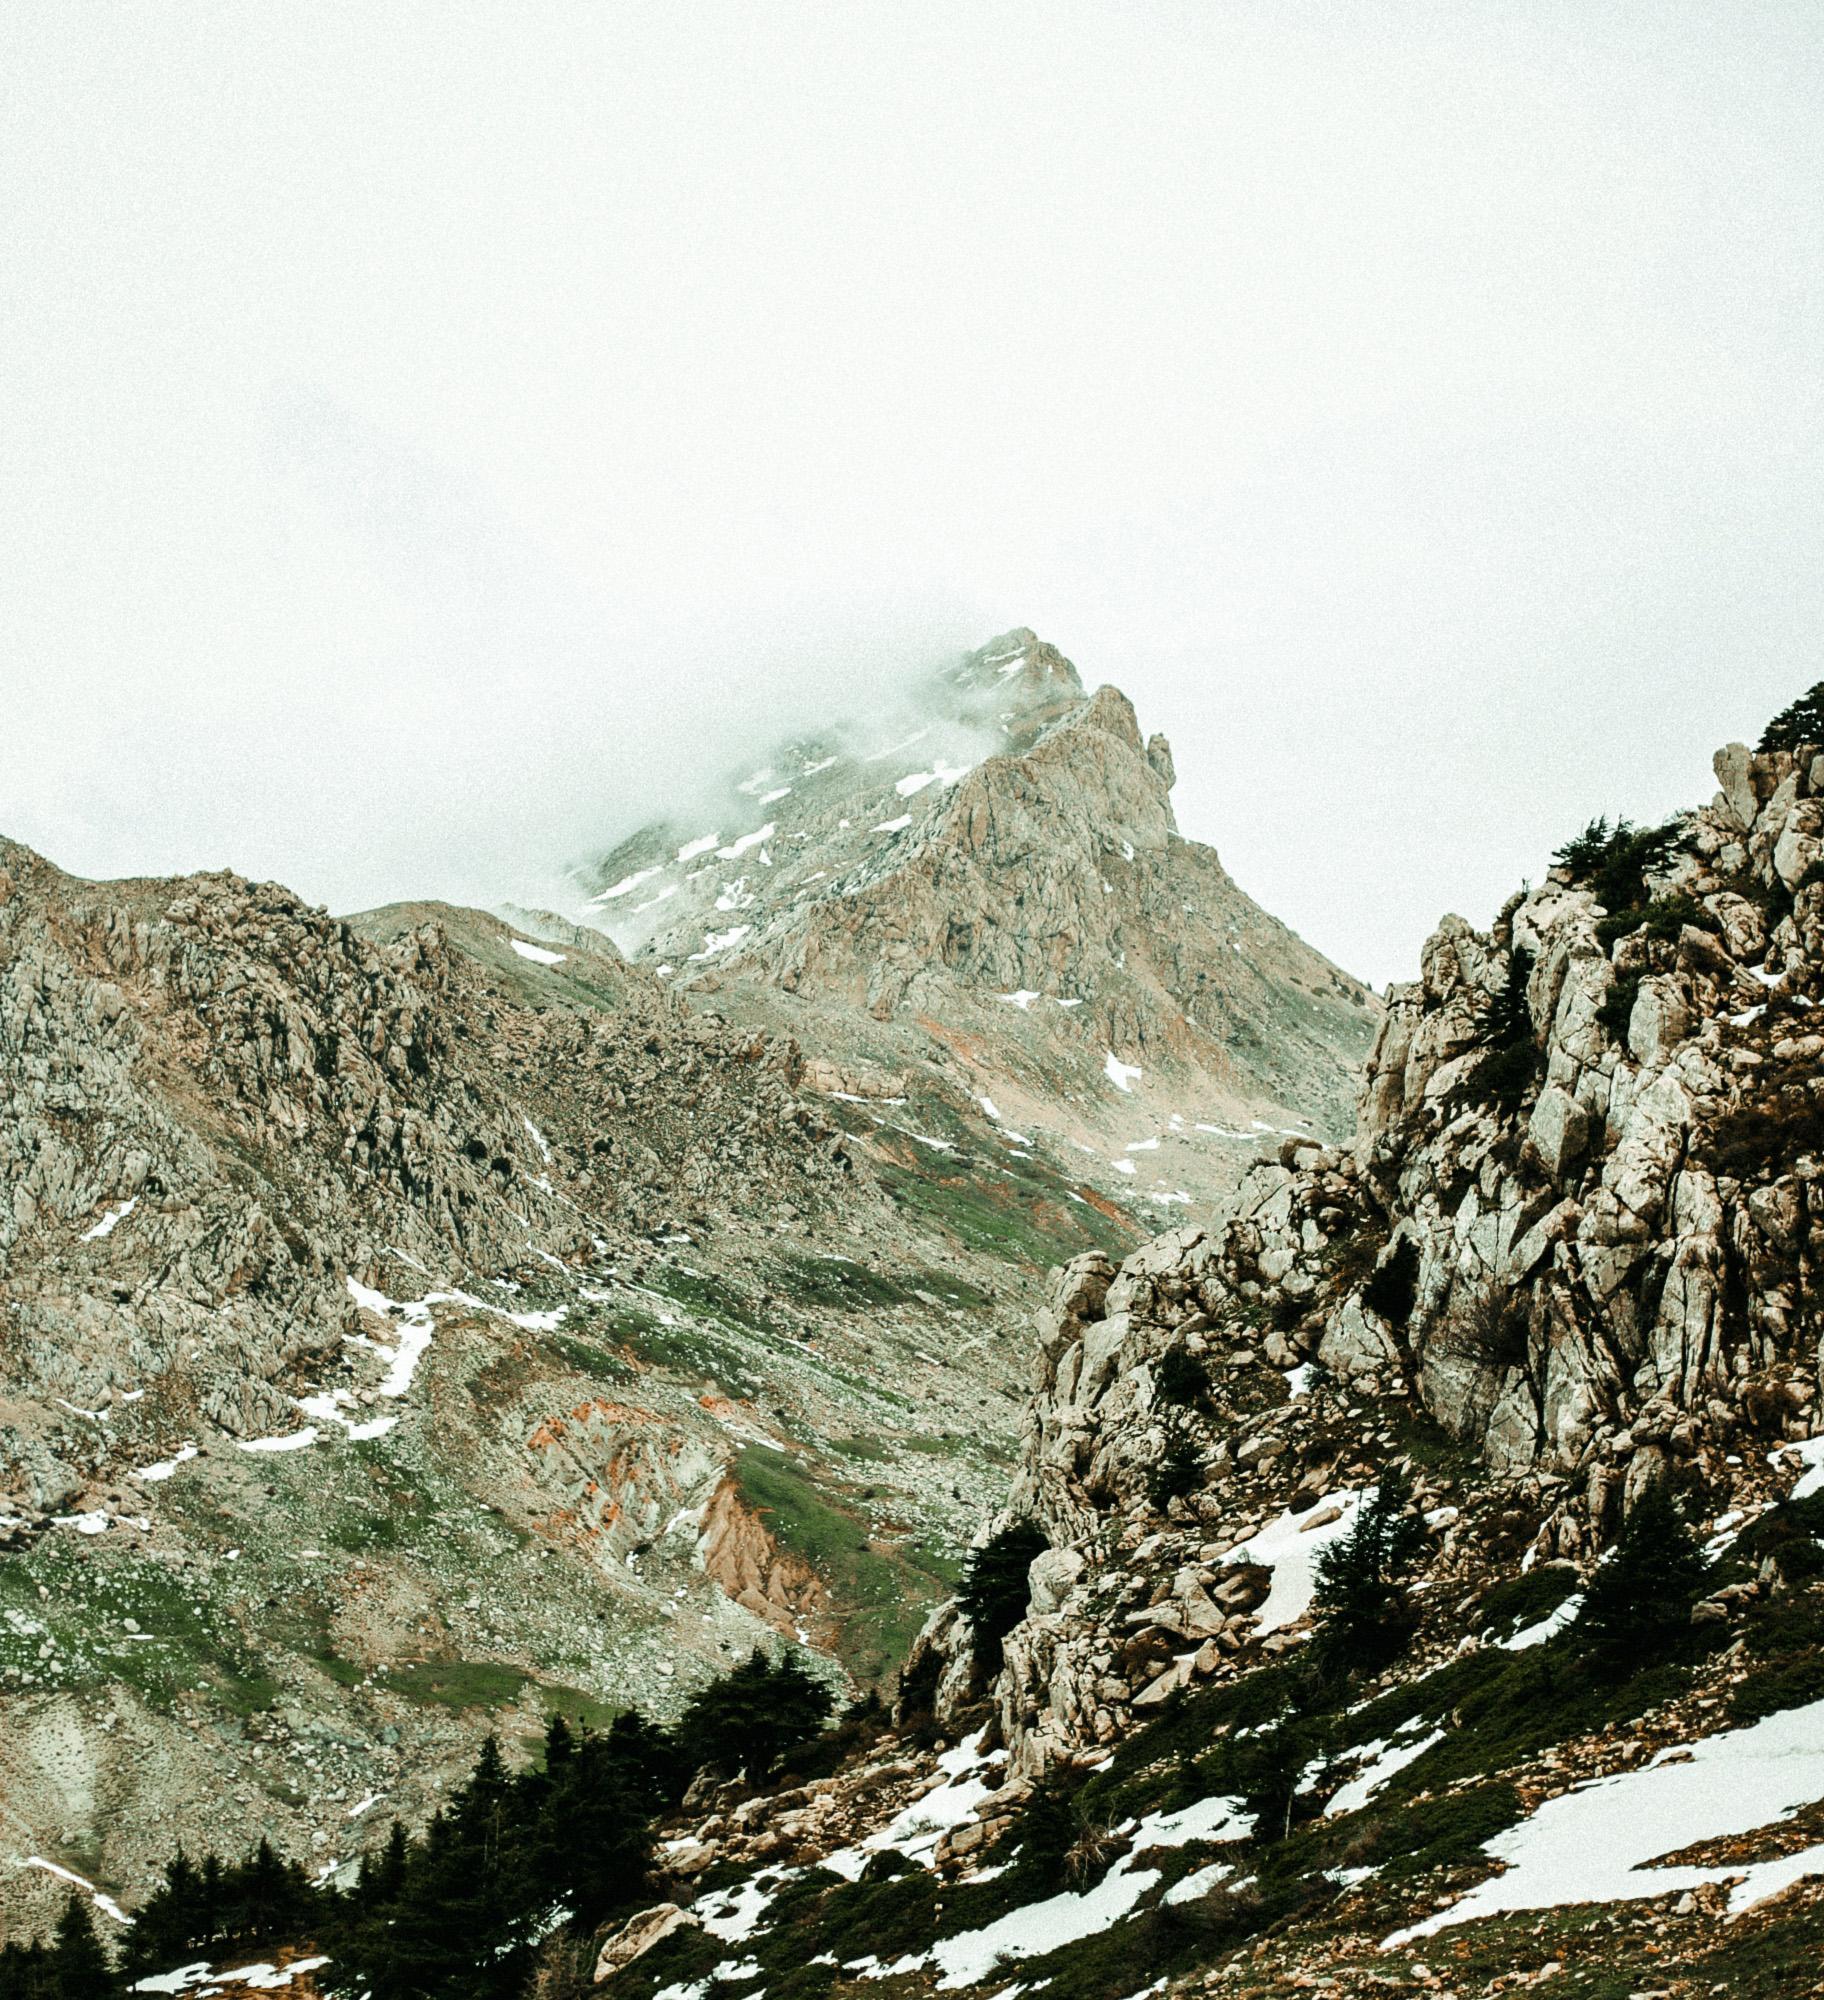 tikejda mountains